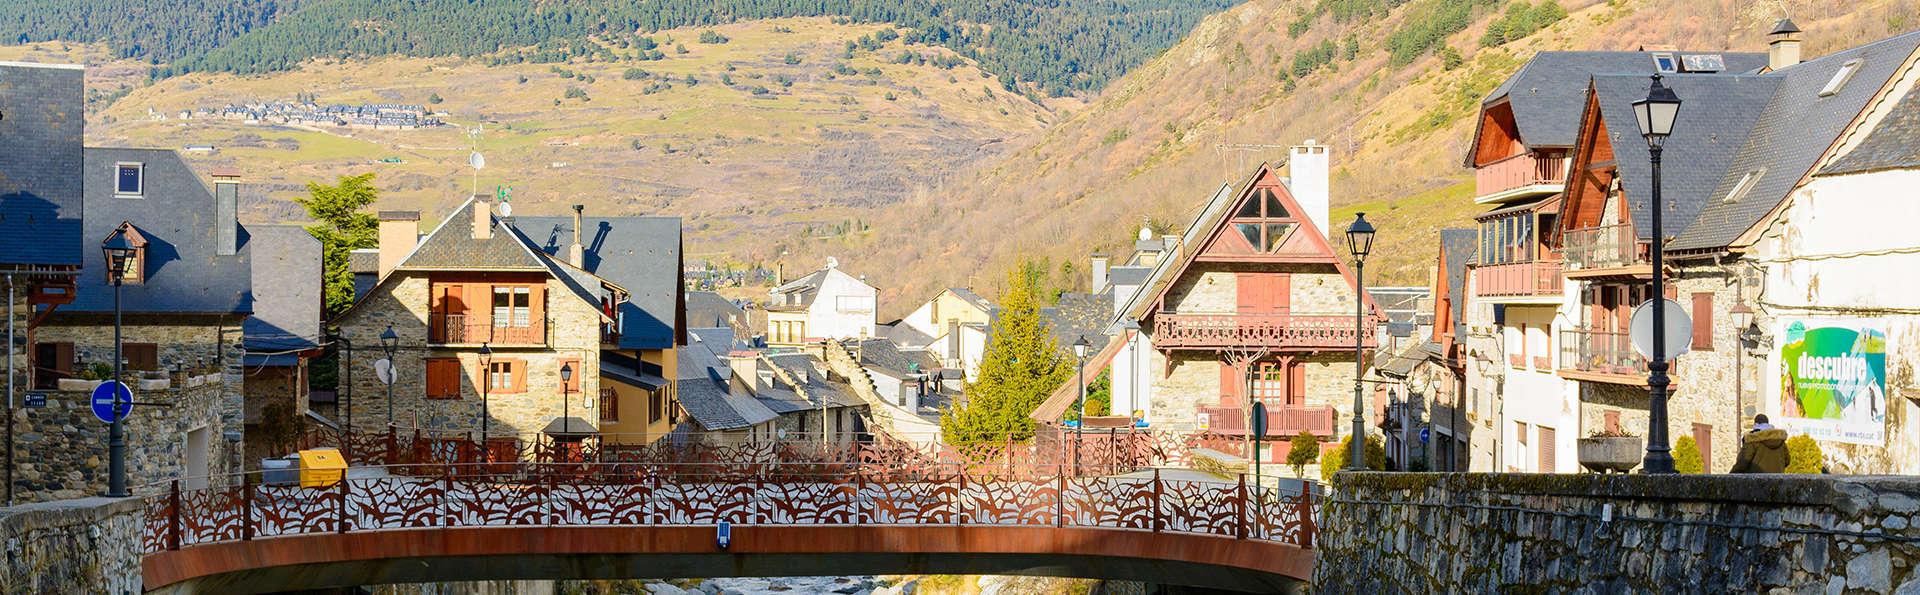 Echappez-vous au coeur des Pyrénées en demie-pension à Vielha